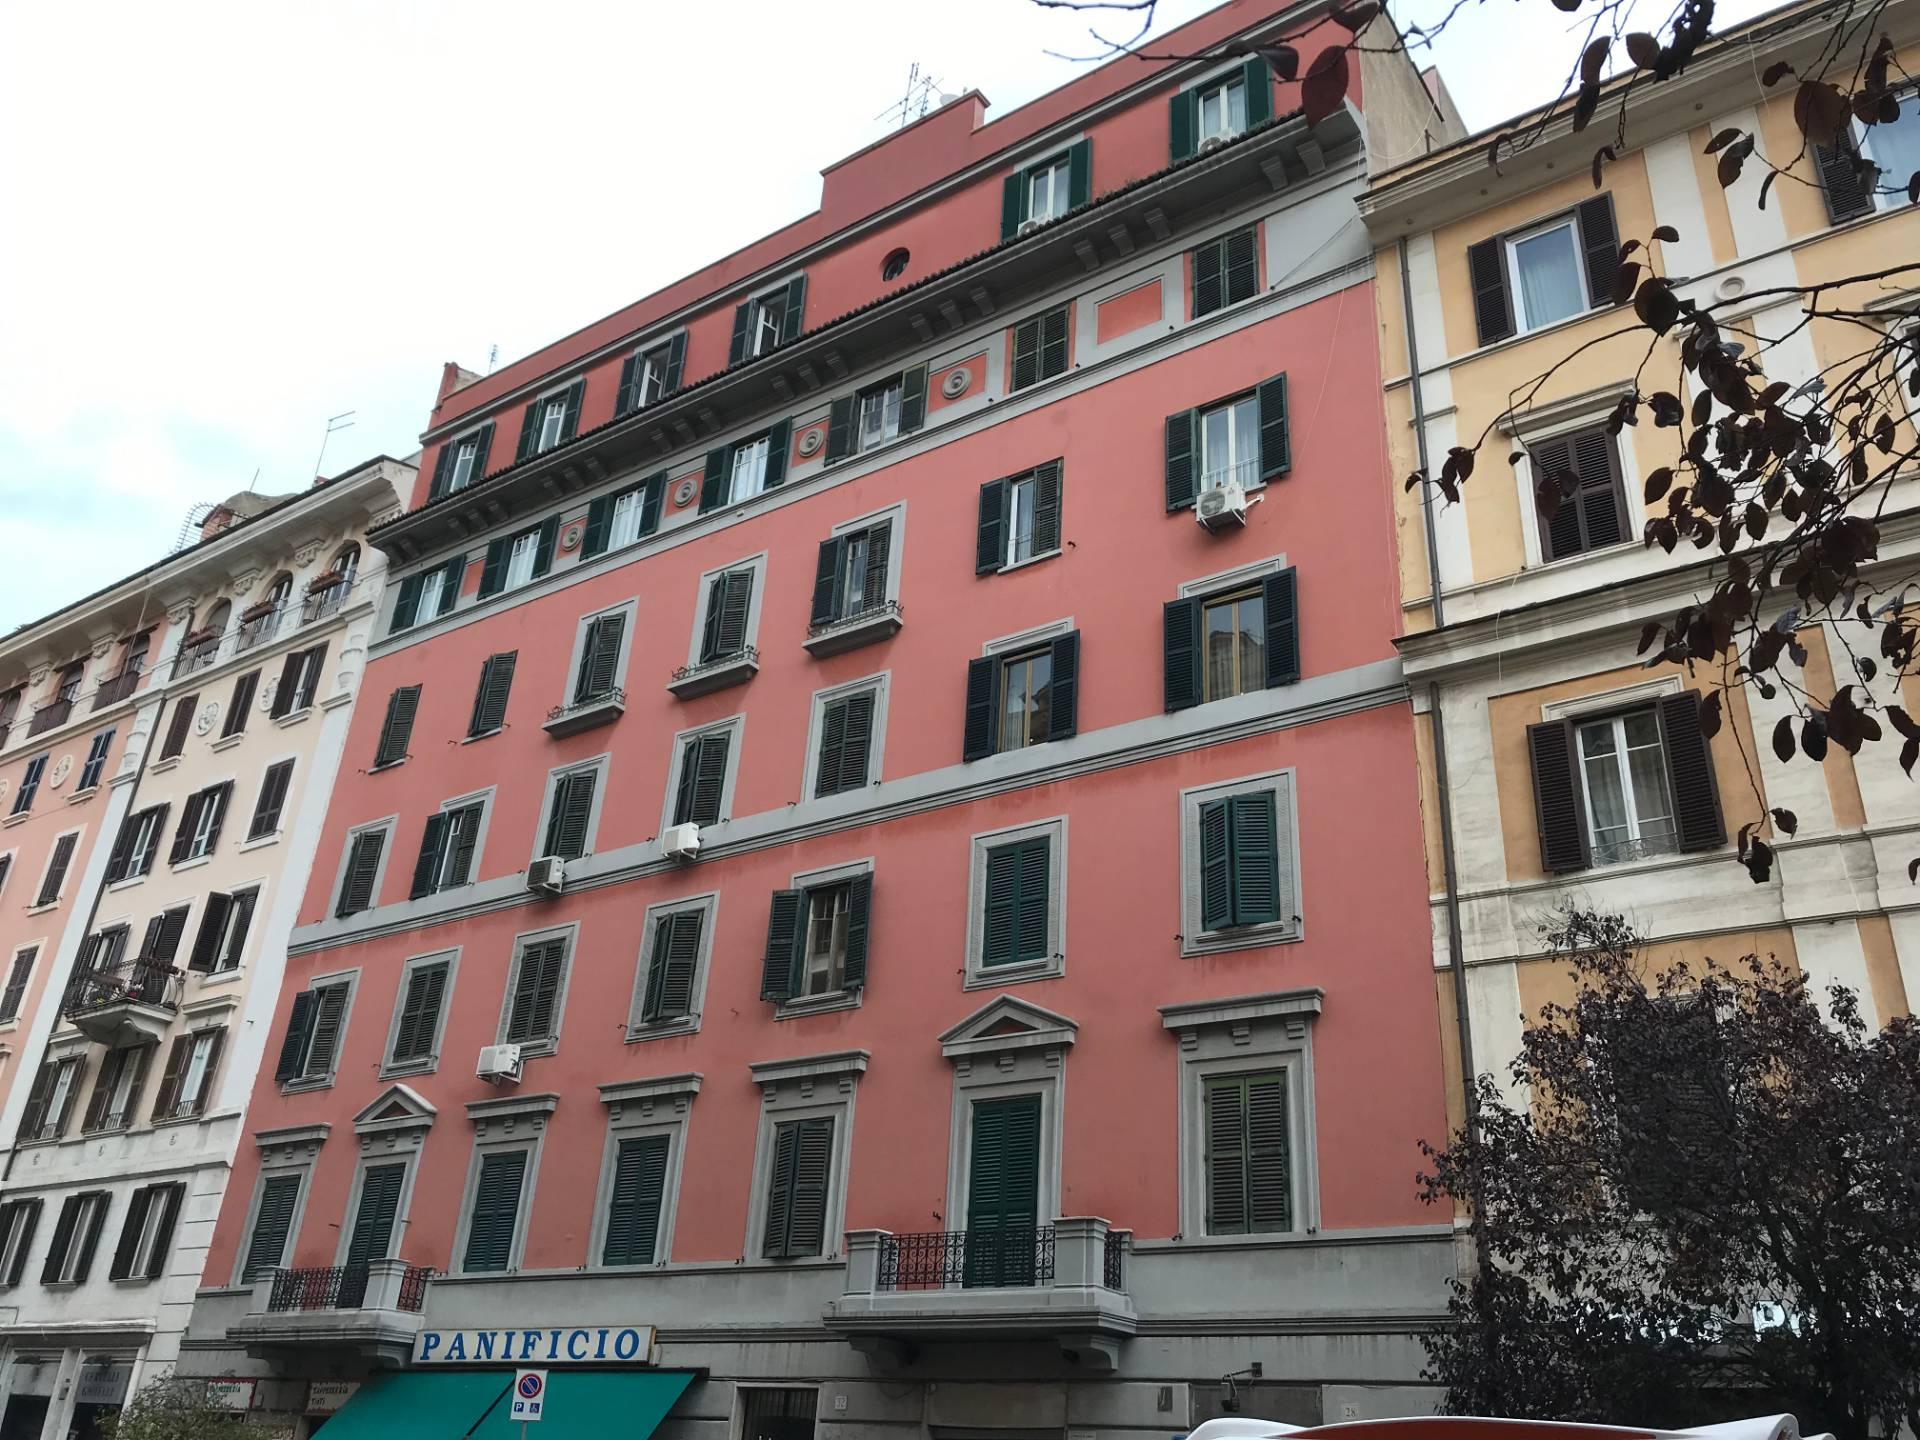 Appartamento in Vendita a Roma 06 Nuovo / Salario / Prati fiscali: 3 locali, 100 mq